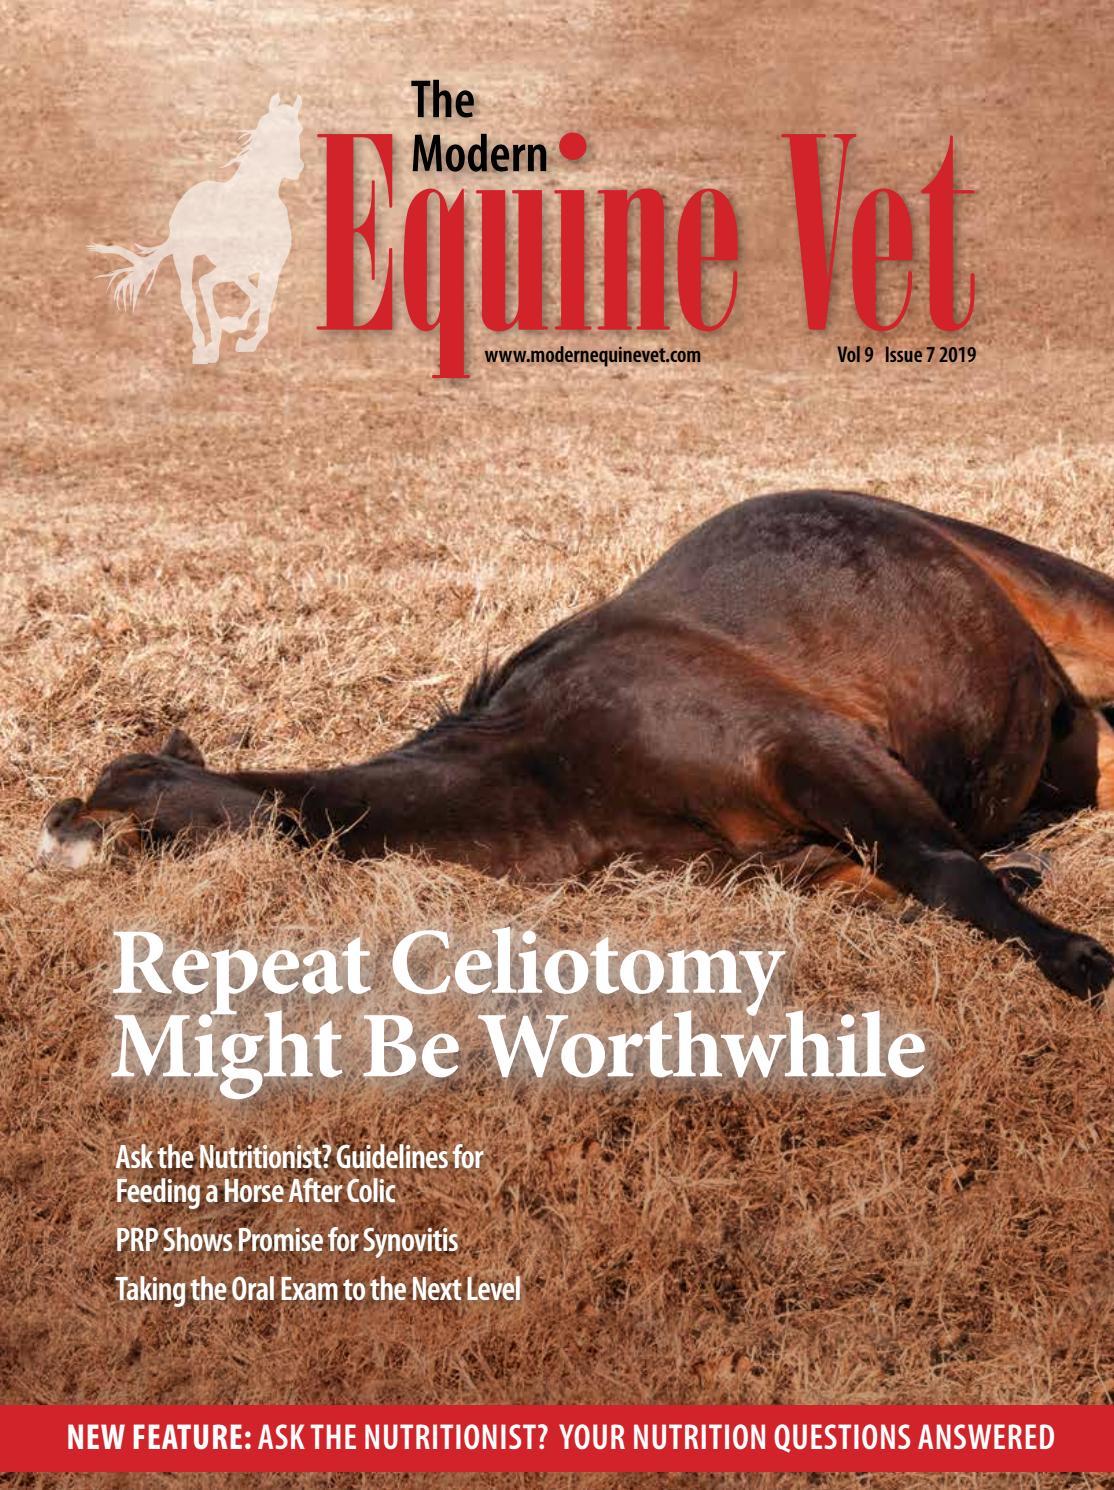 The Modern Equine Vet July 2019